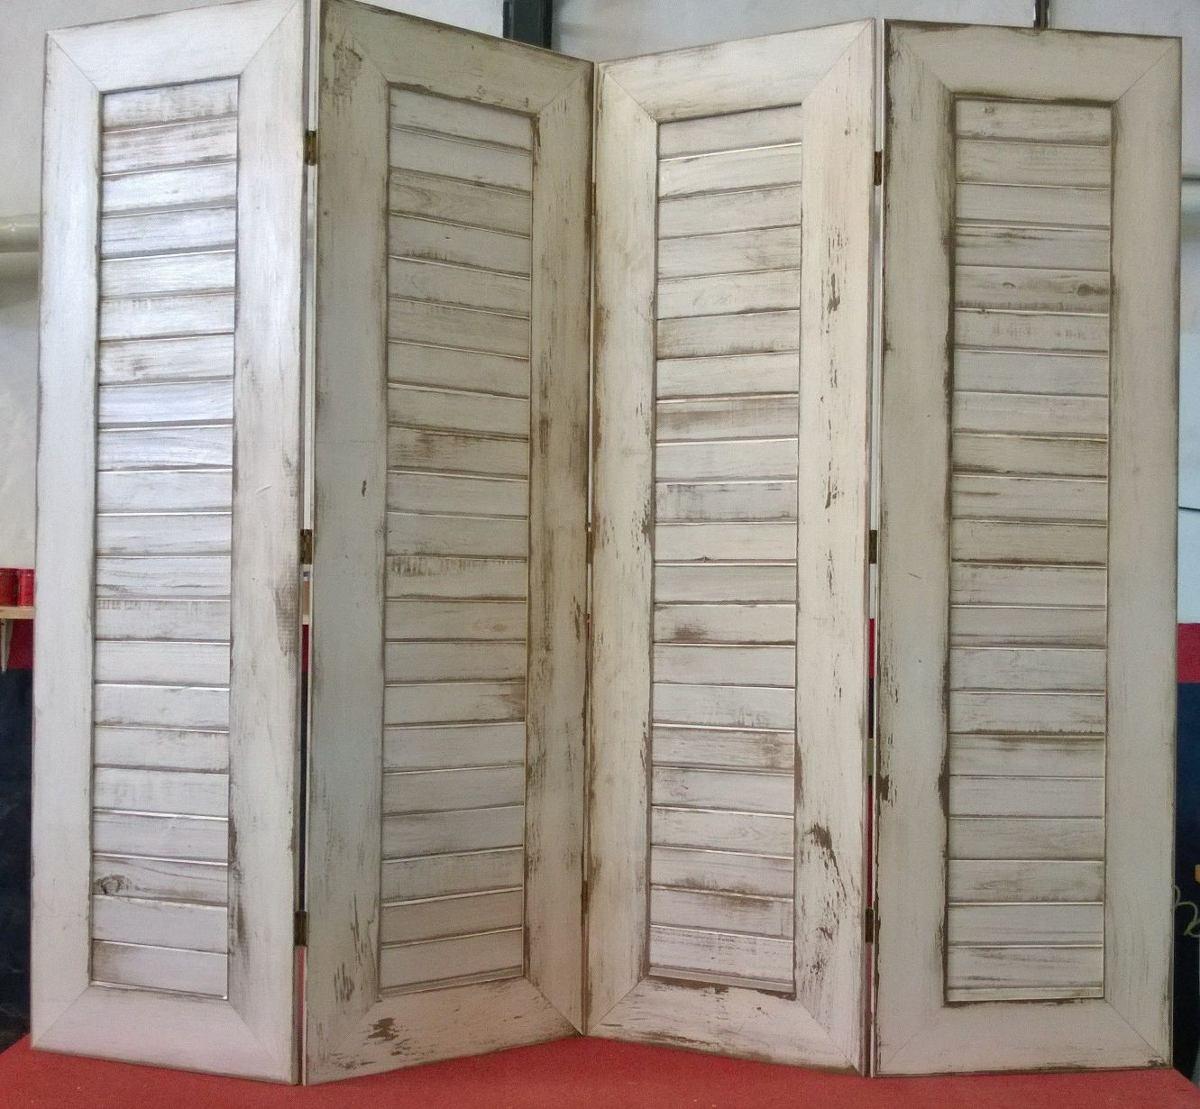 Como hacer biombos de madera - Biombos de madera ...